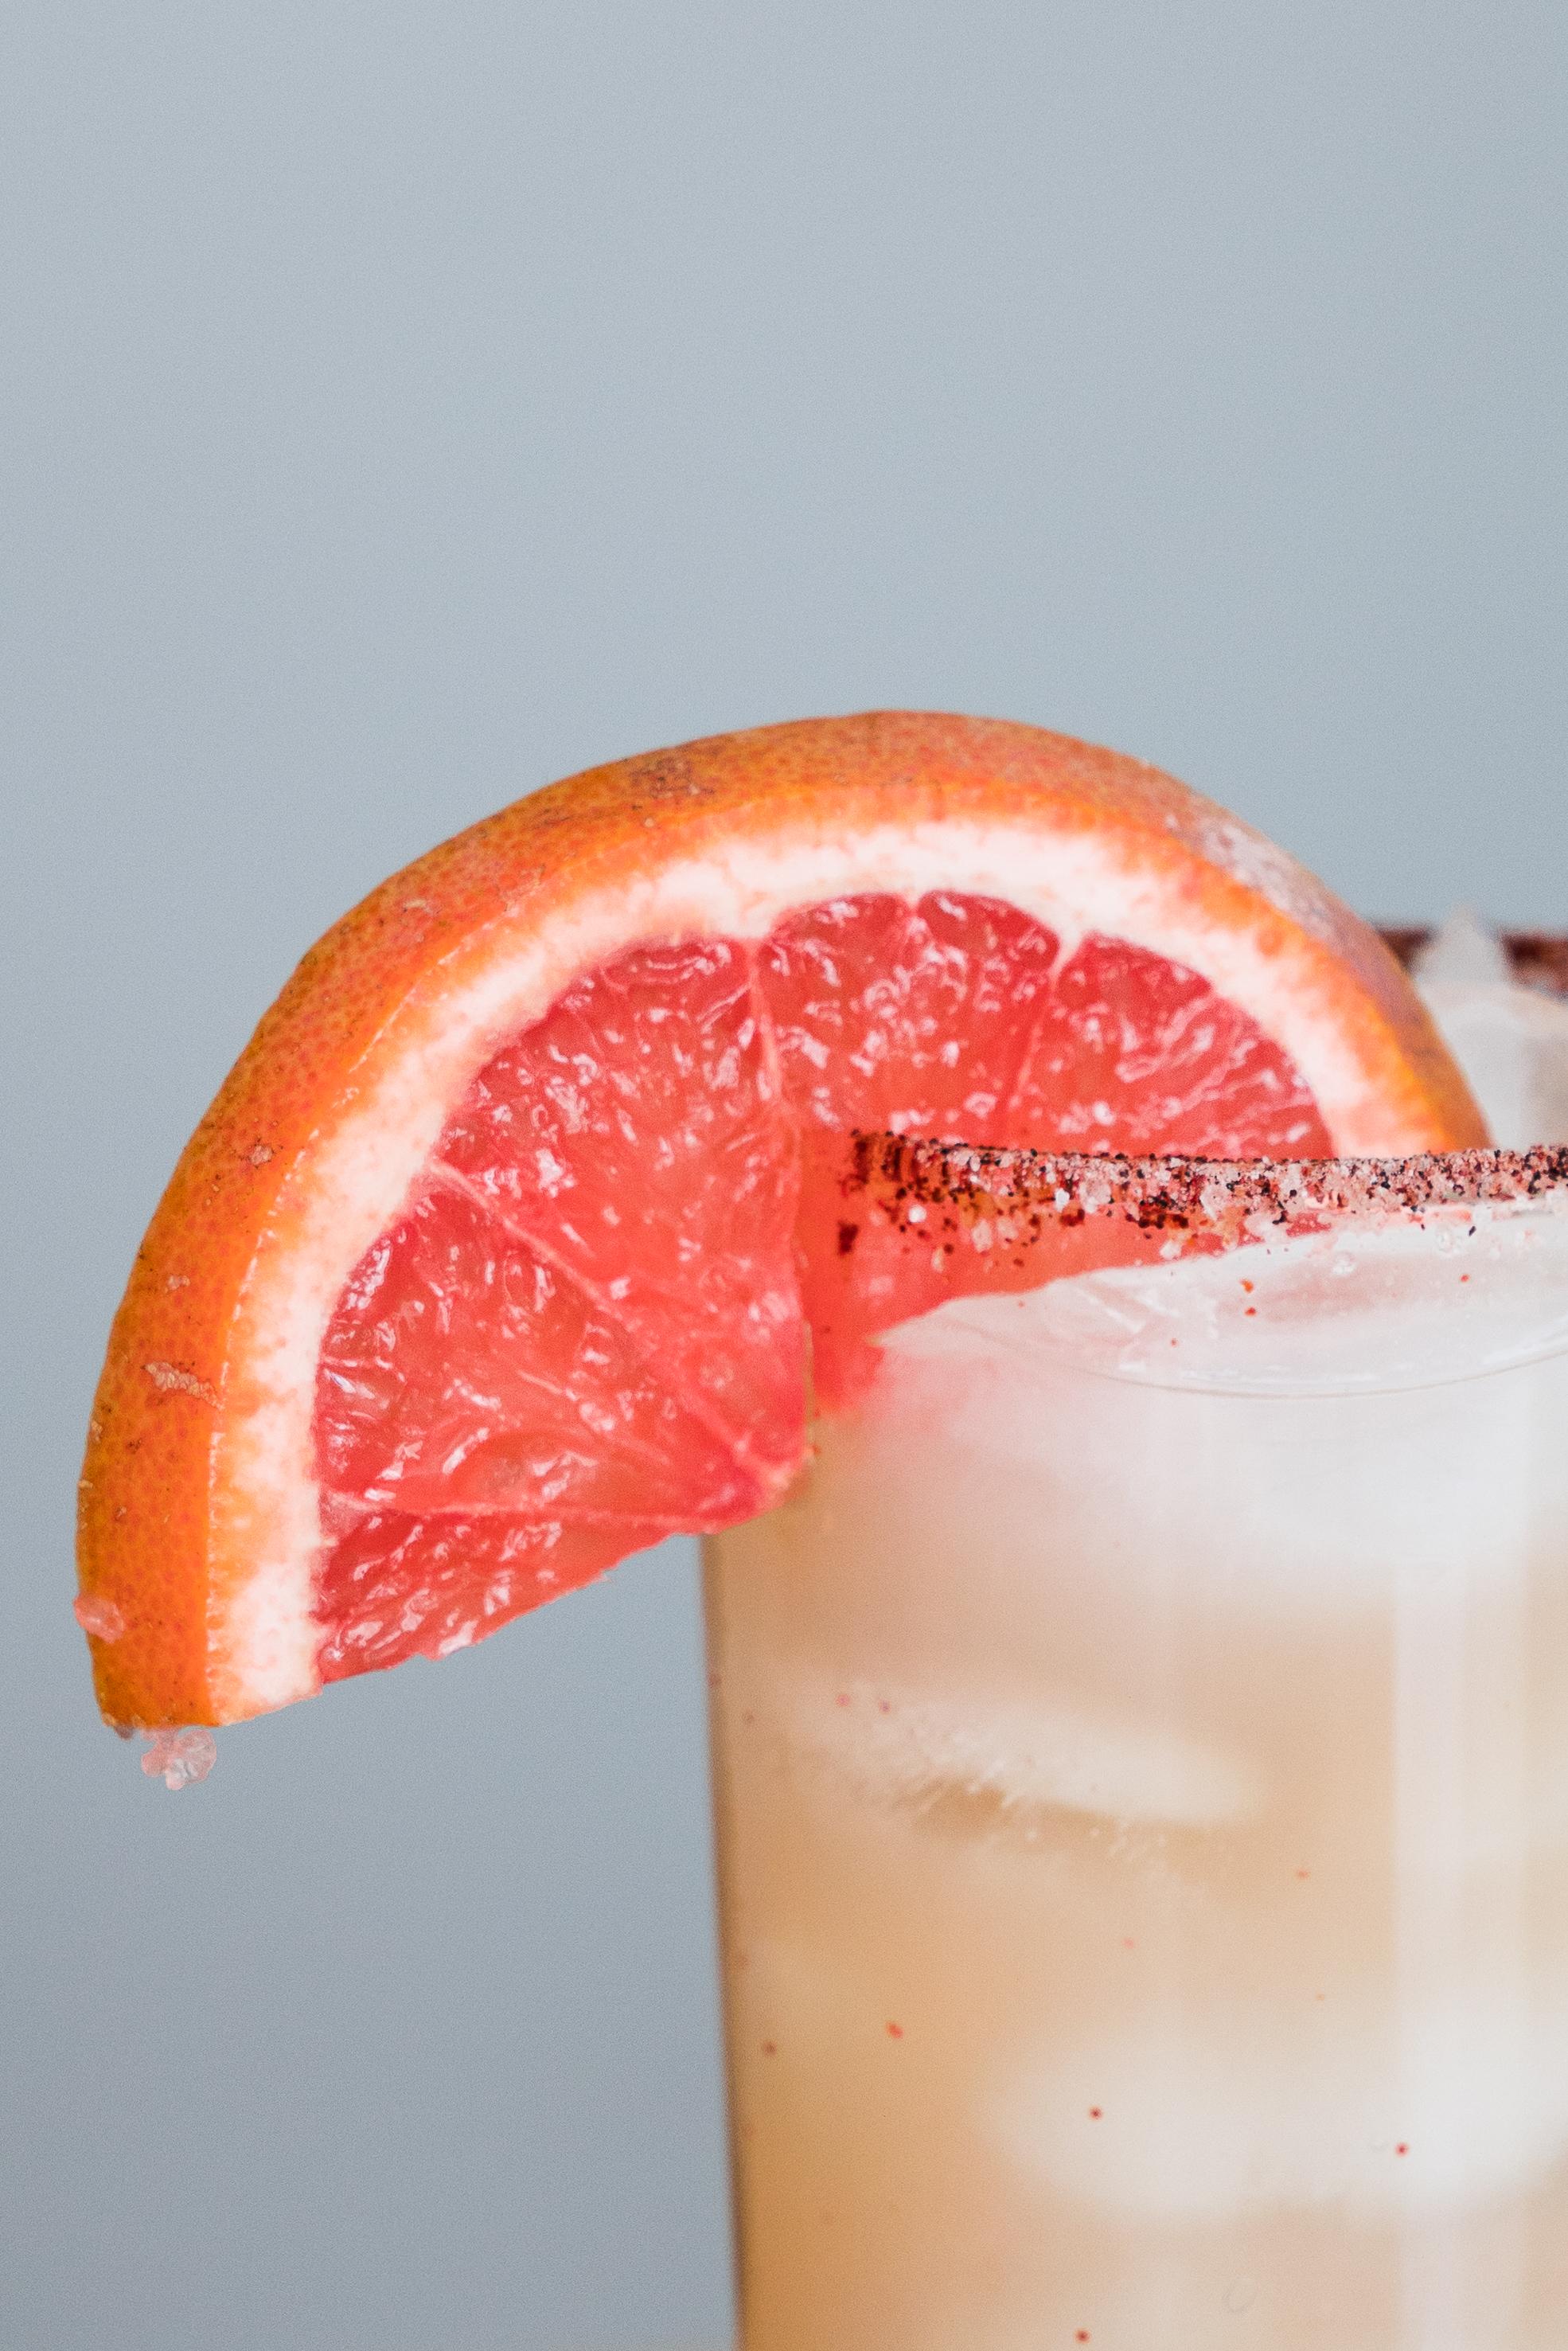 Grapefruit on a Salt and Chili Pepper rim via micahdeyoung.com